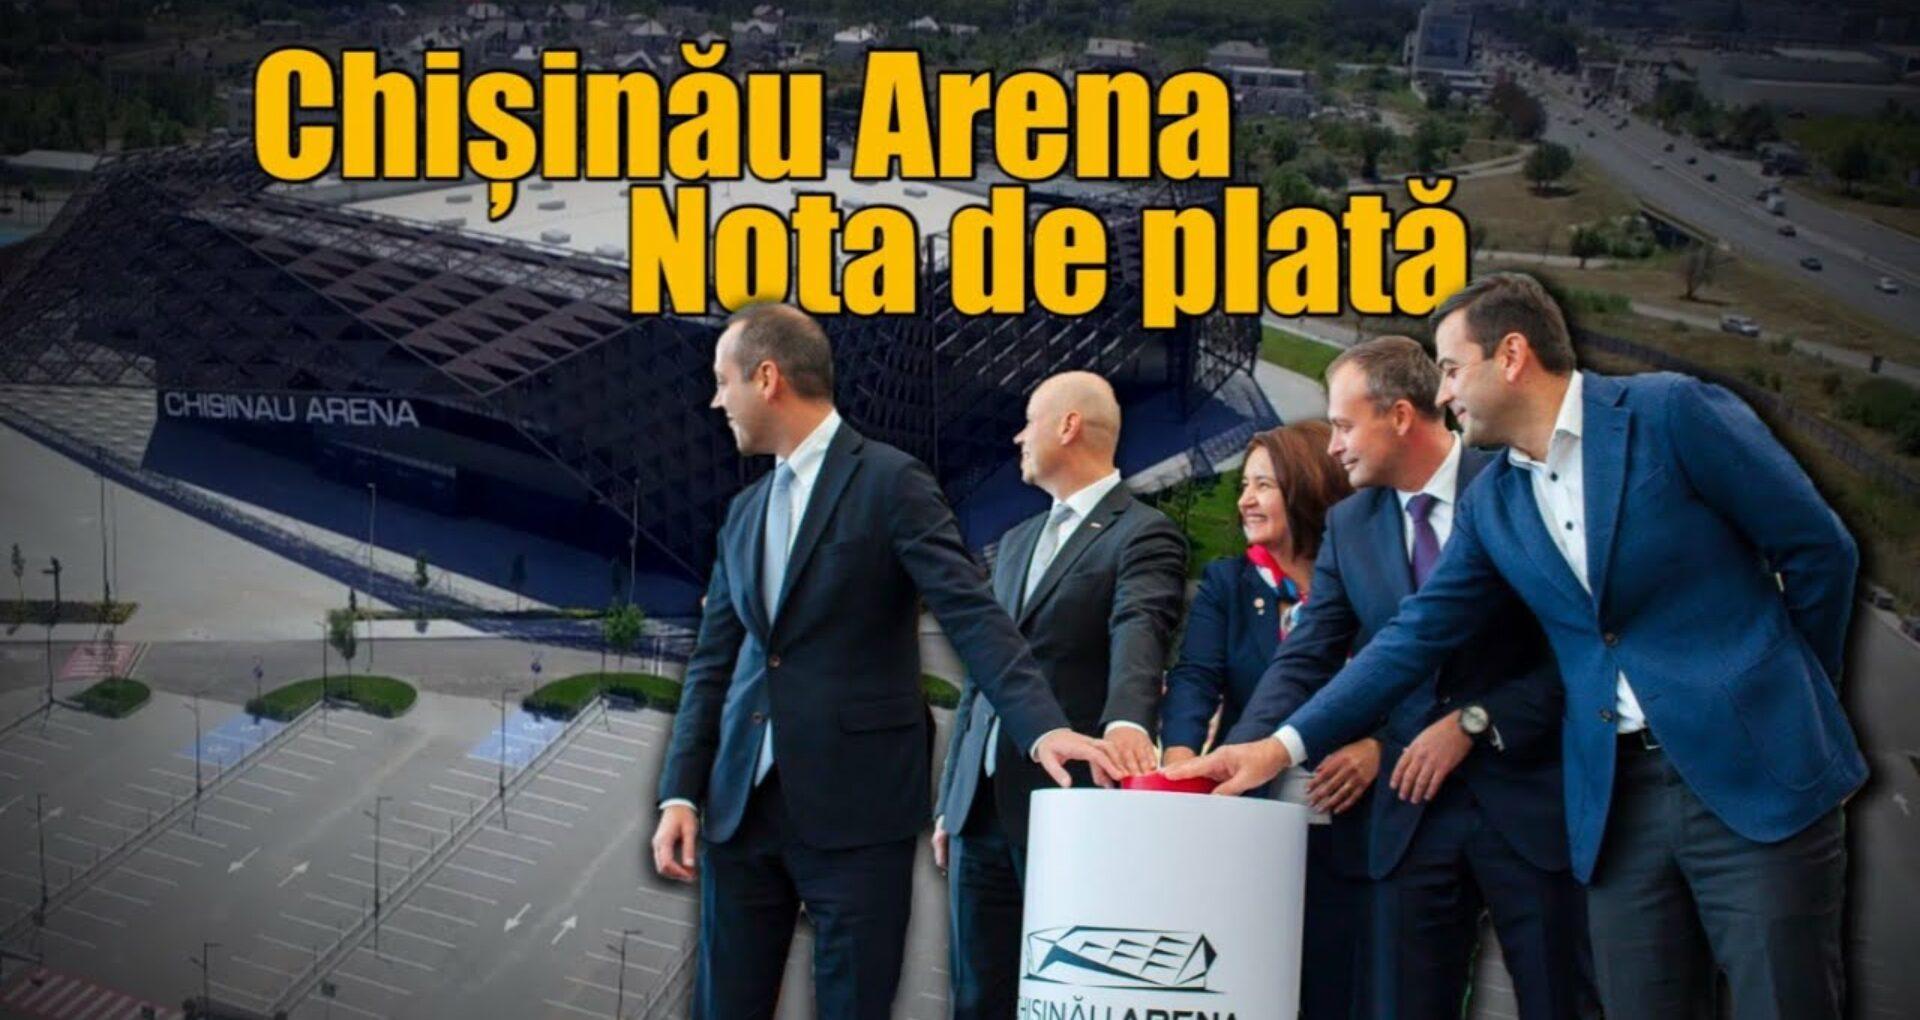 Chișinău Arena. Nota de plată